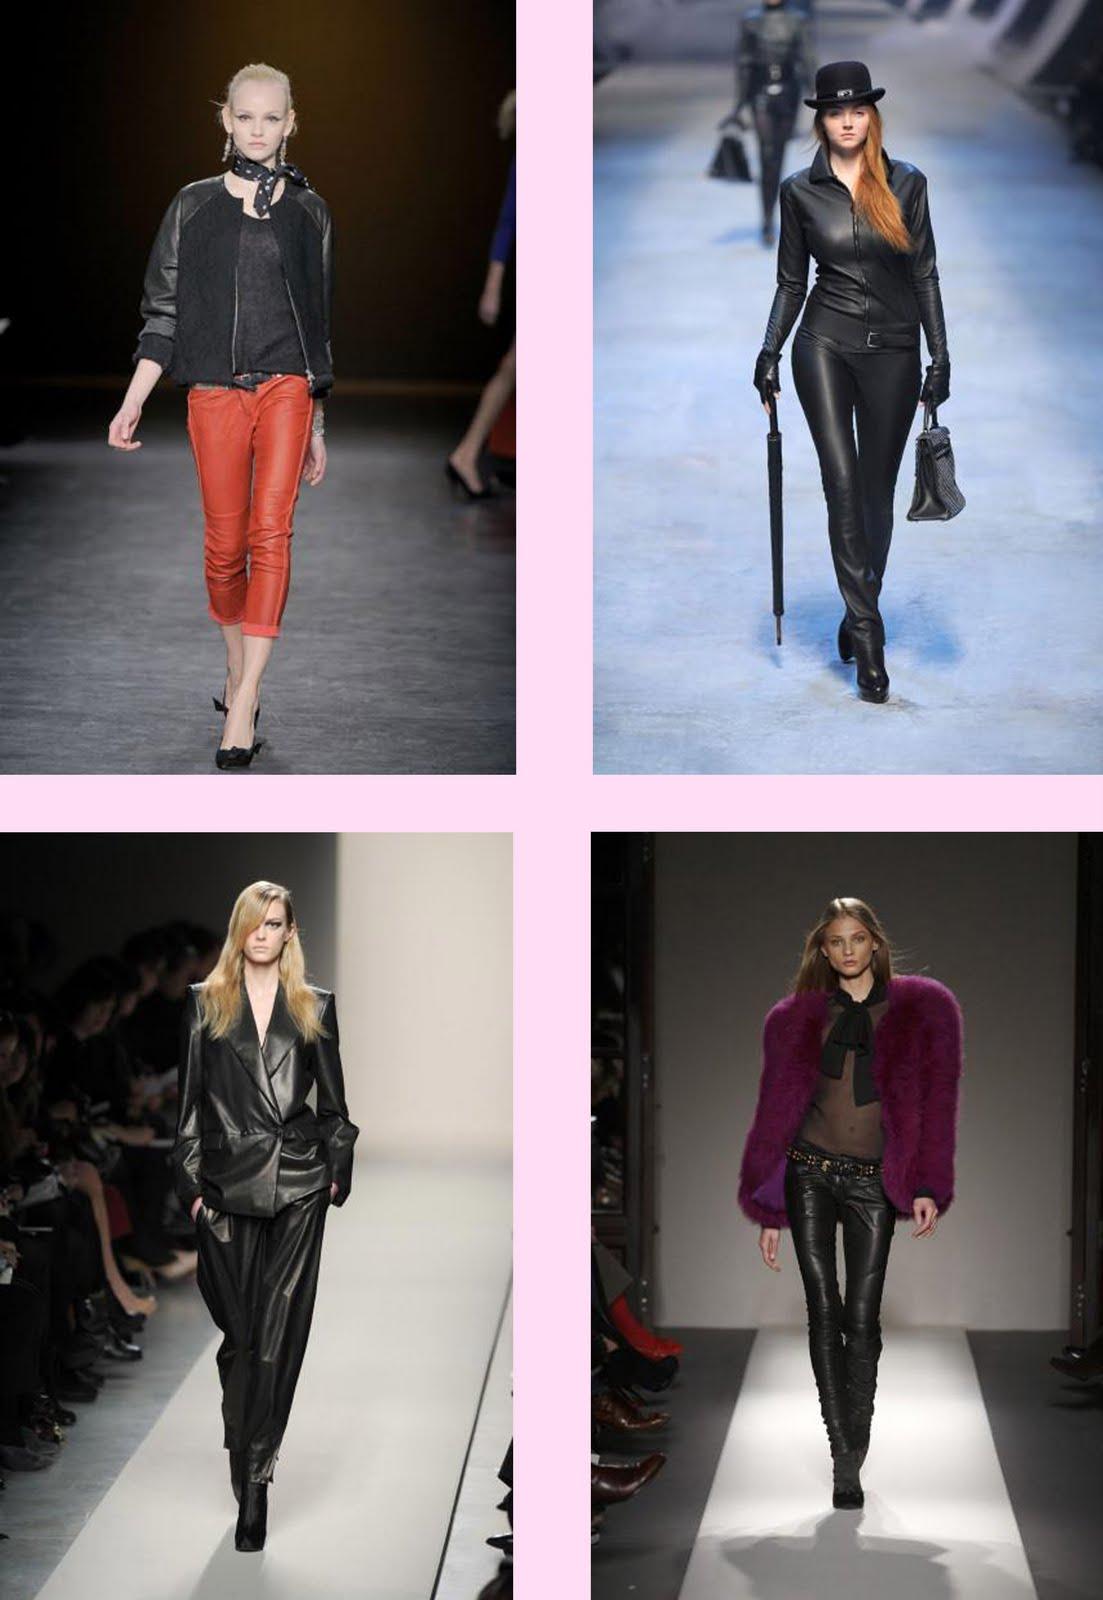 http://2.bp.blogspot.com/-SmZW2Oh8u48/TY8OnyvZDUI/AAAAAAAACtk/ZSY6QwAFwGs/s1600/leather%252Btrousers.jpg